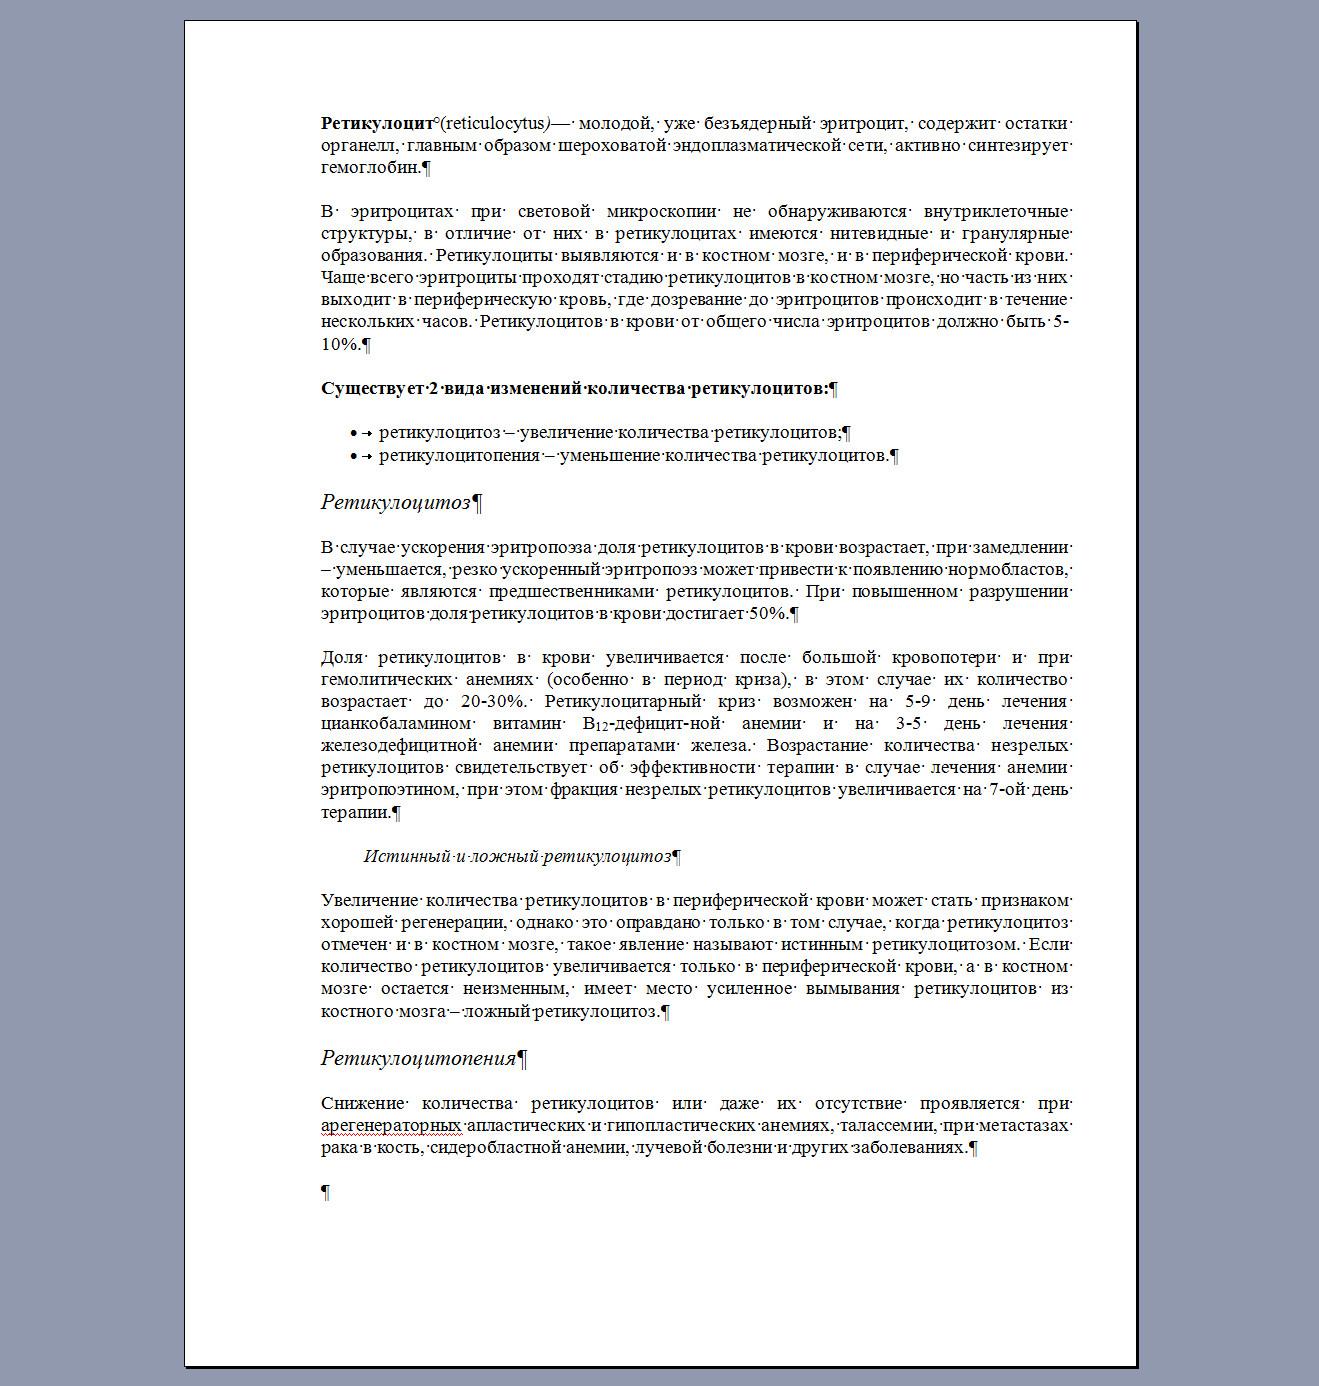 Ретикулоцит (статья для медицинского словаря терминов)